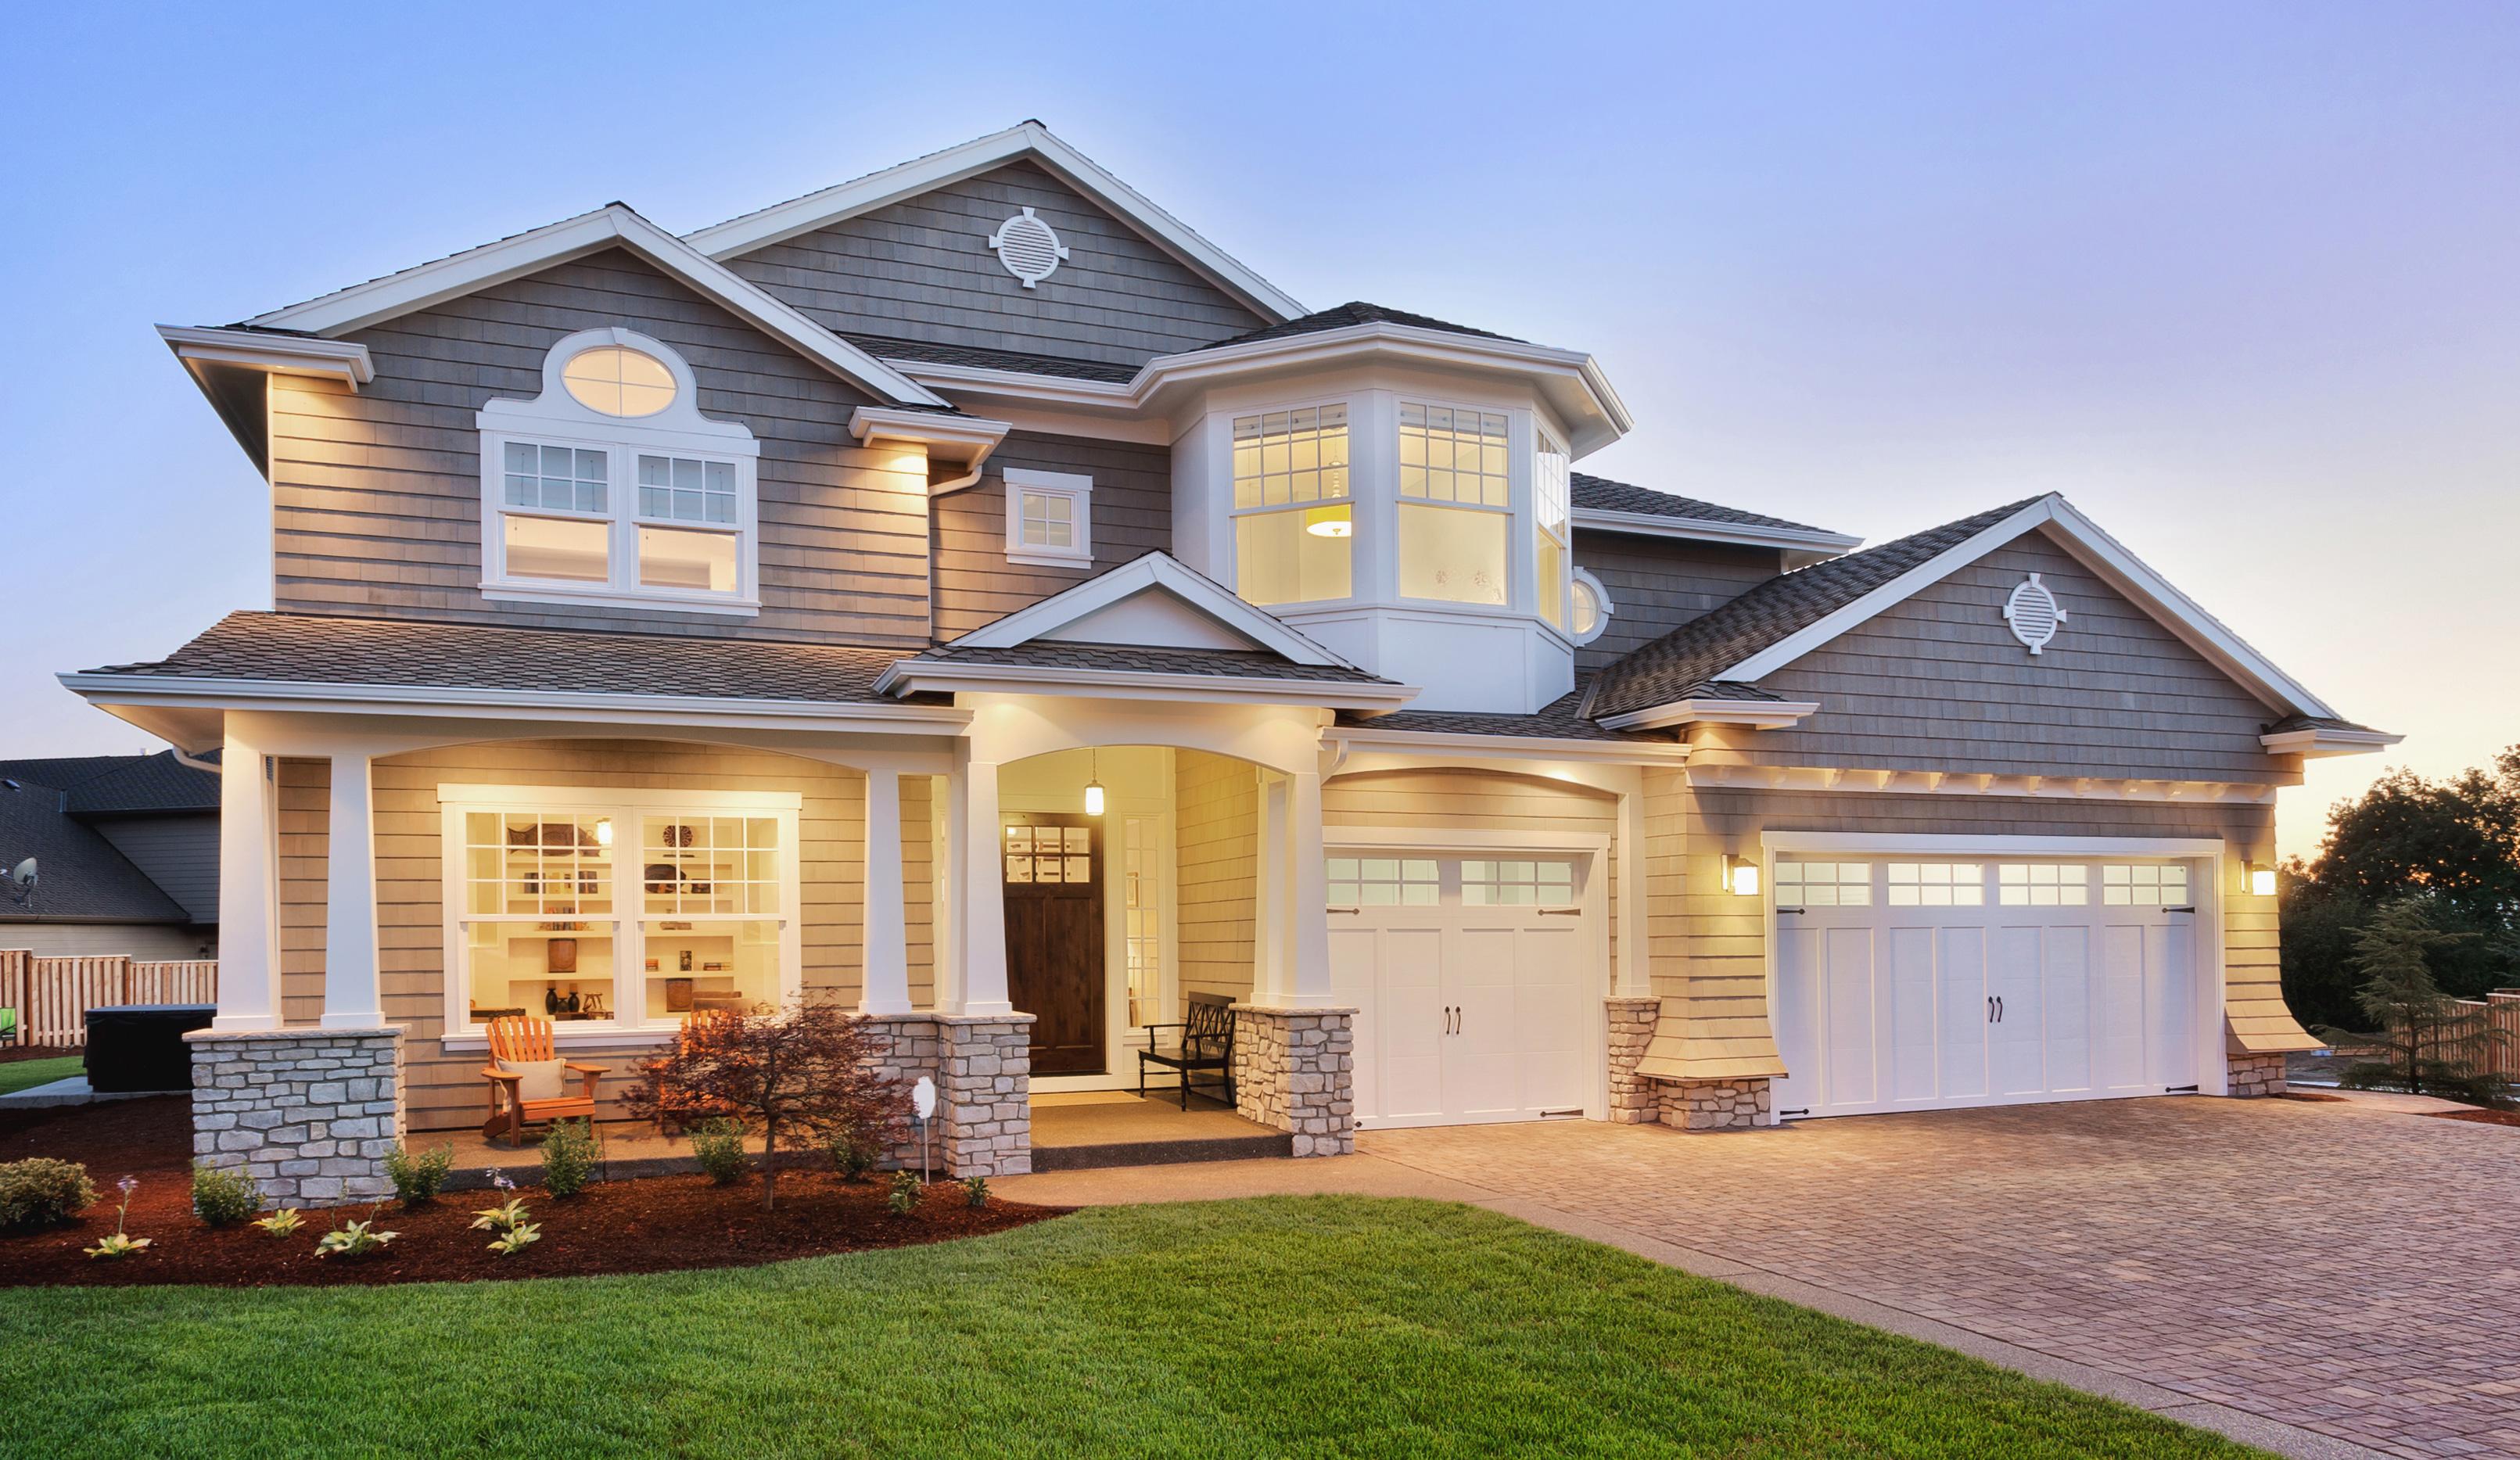 Eclairage De Terrasse Sur Pied comment choisir le bon luminaire pour l'extérieur ? | multi